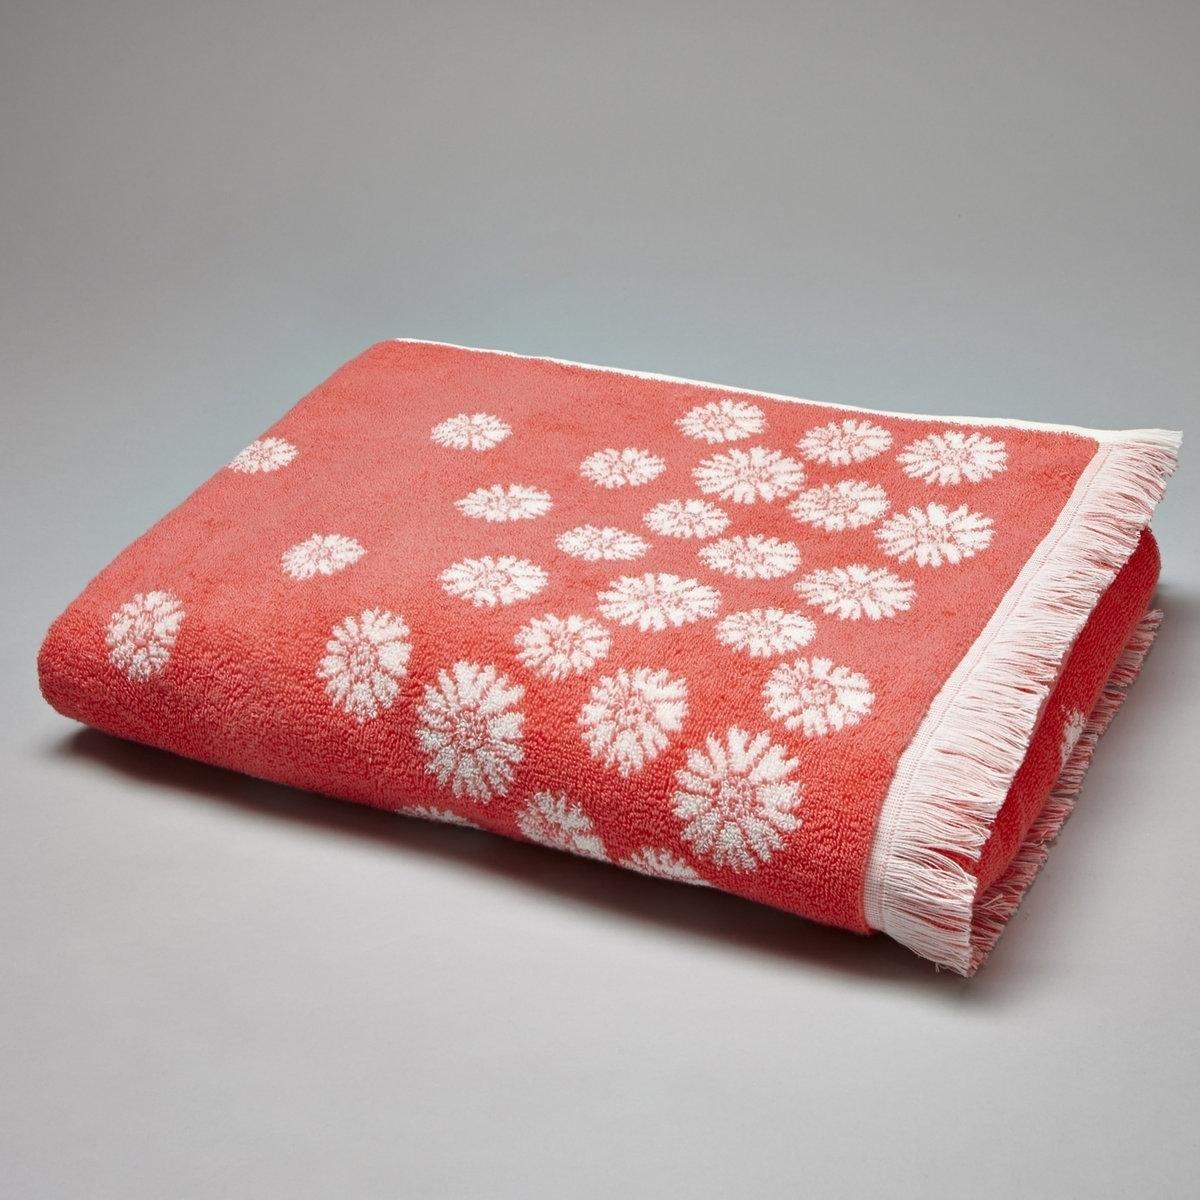 Полотенце банное с цветочным рисунком, 500 г/м?Полотенце банное. Махровое полотенце с аккуратным и освежающим цветочным рисунком превосходно впитывает влагу. Описание махрового полотенца с цветочным рисунком, 500 г/м?:цветочный рисунок, 100% хлопка (500 г/м?). Бесконечная мягкость, долгая прочность. Превосходная стойкость цвета при стирке 60°.Машинная сушка.Размер махрового банного полотенца с цветочным рисунком, 500 г/м?:70 x 140 см.<br><br>Цвет: коралловый